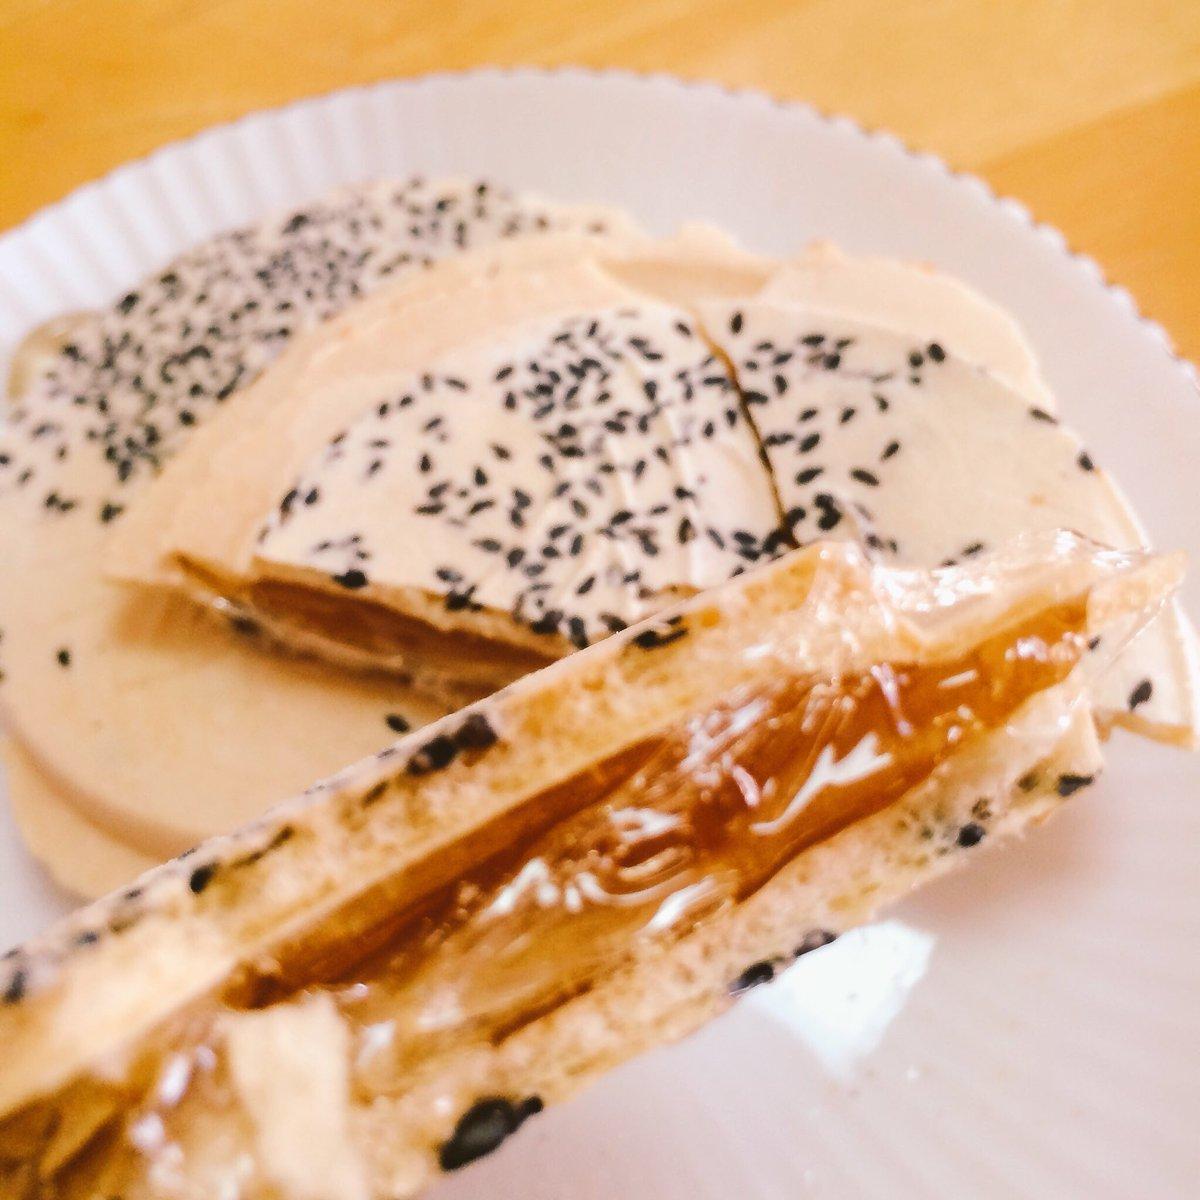 test ツイッターメディア - 北海道の冬季限定 『あめせん』( ´ ▽ ` )ノ 南部煎餅の間に水飴が 挟んであるのですが せんべいの粉は落ちるし 飴は歯に詰まるし大変なんですが旨い!やめられない😊 お煎餅は胡麻とピーナッツ の2種類ありますよ https://t.co/w9TtxiGnqa